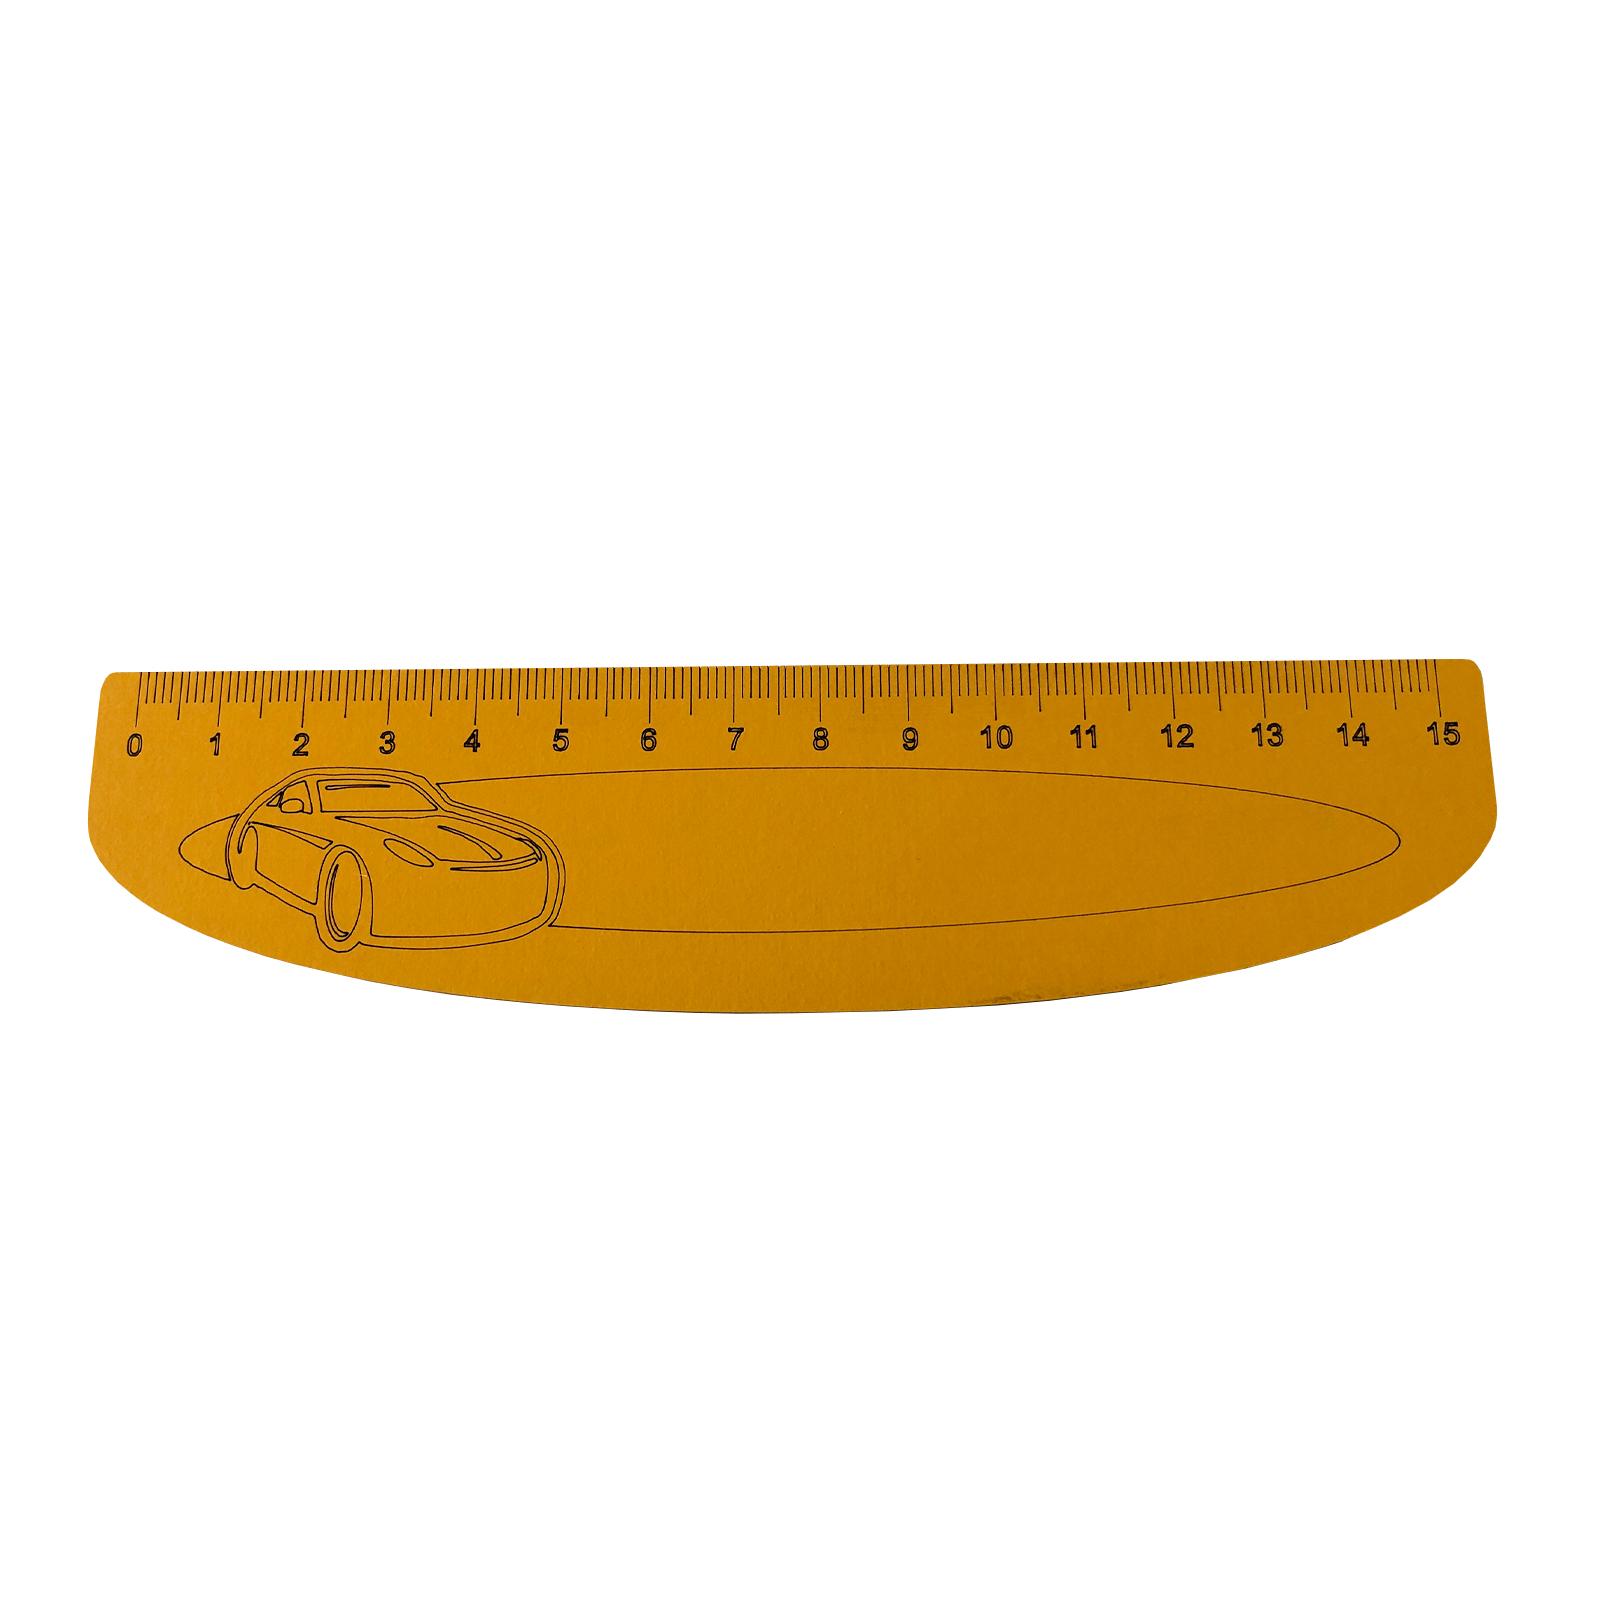 خط کش 15 سانتی متری کد kh8